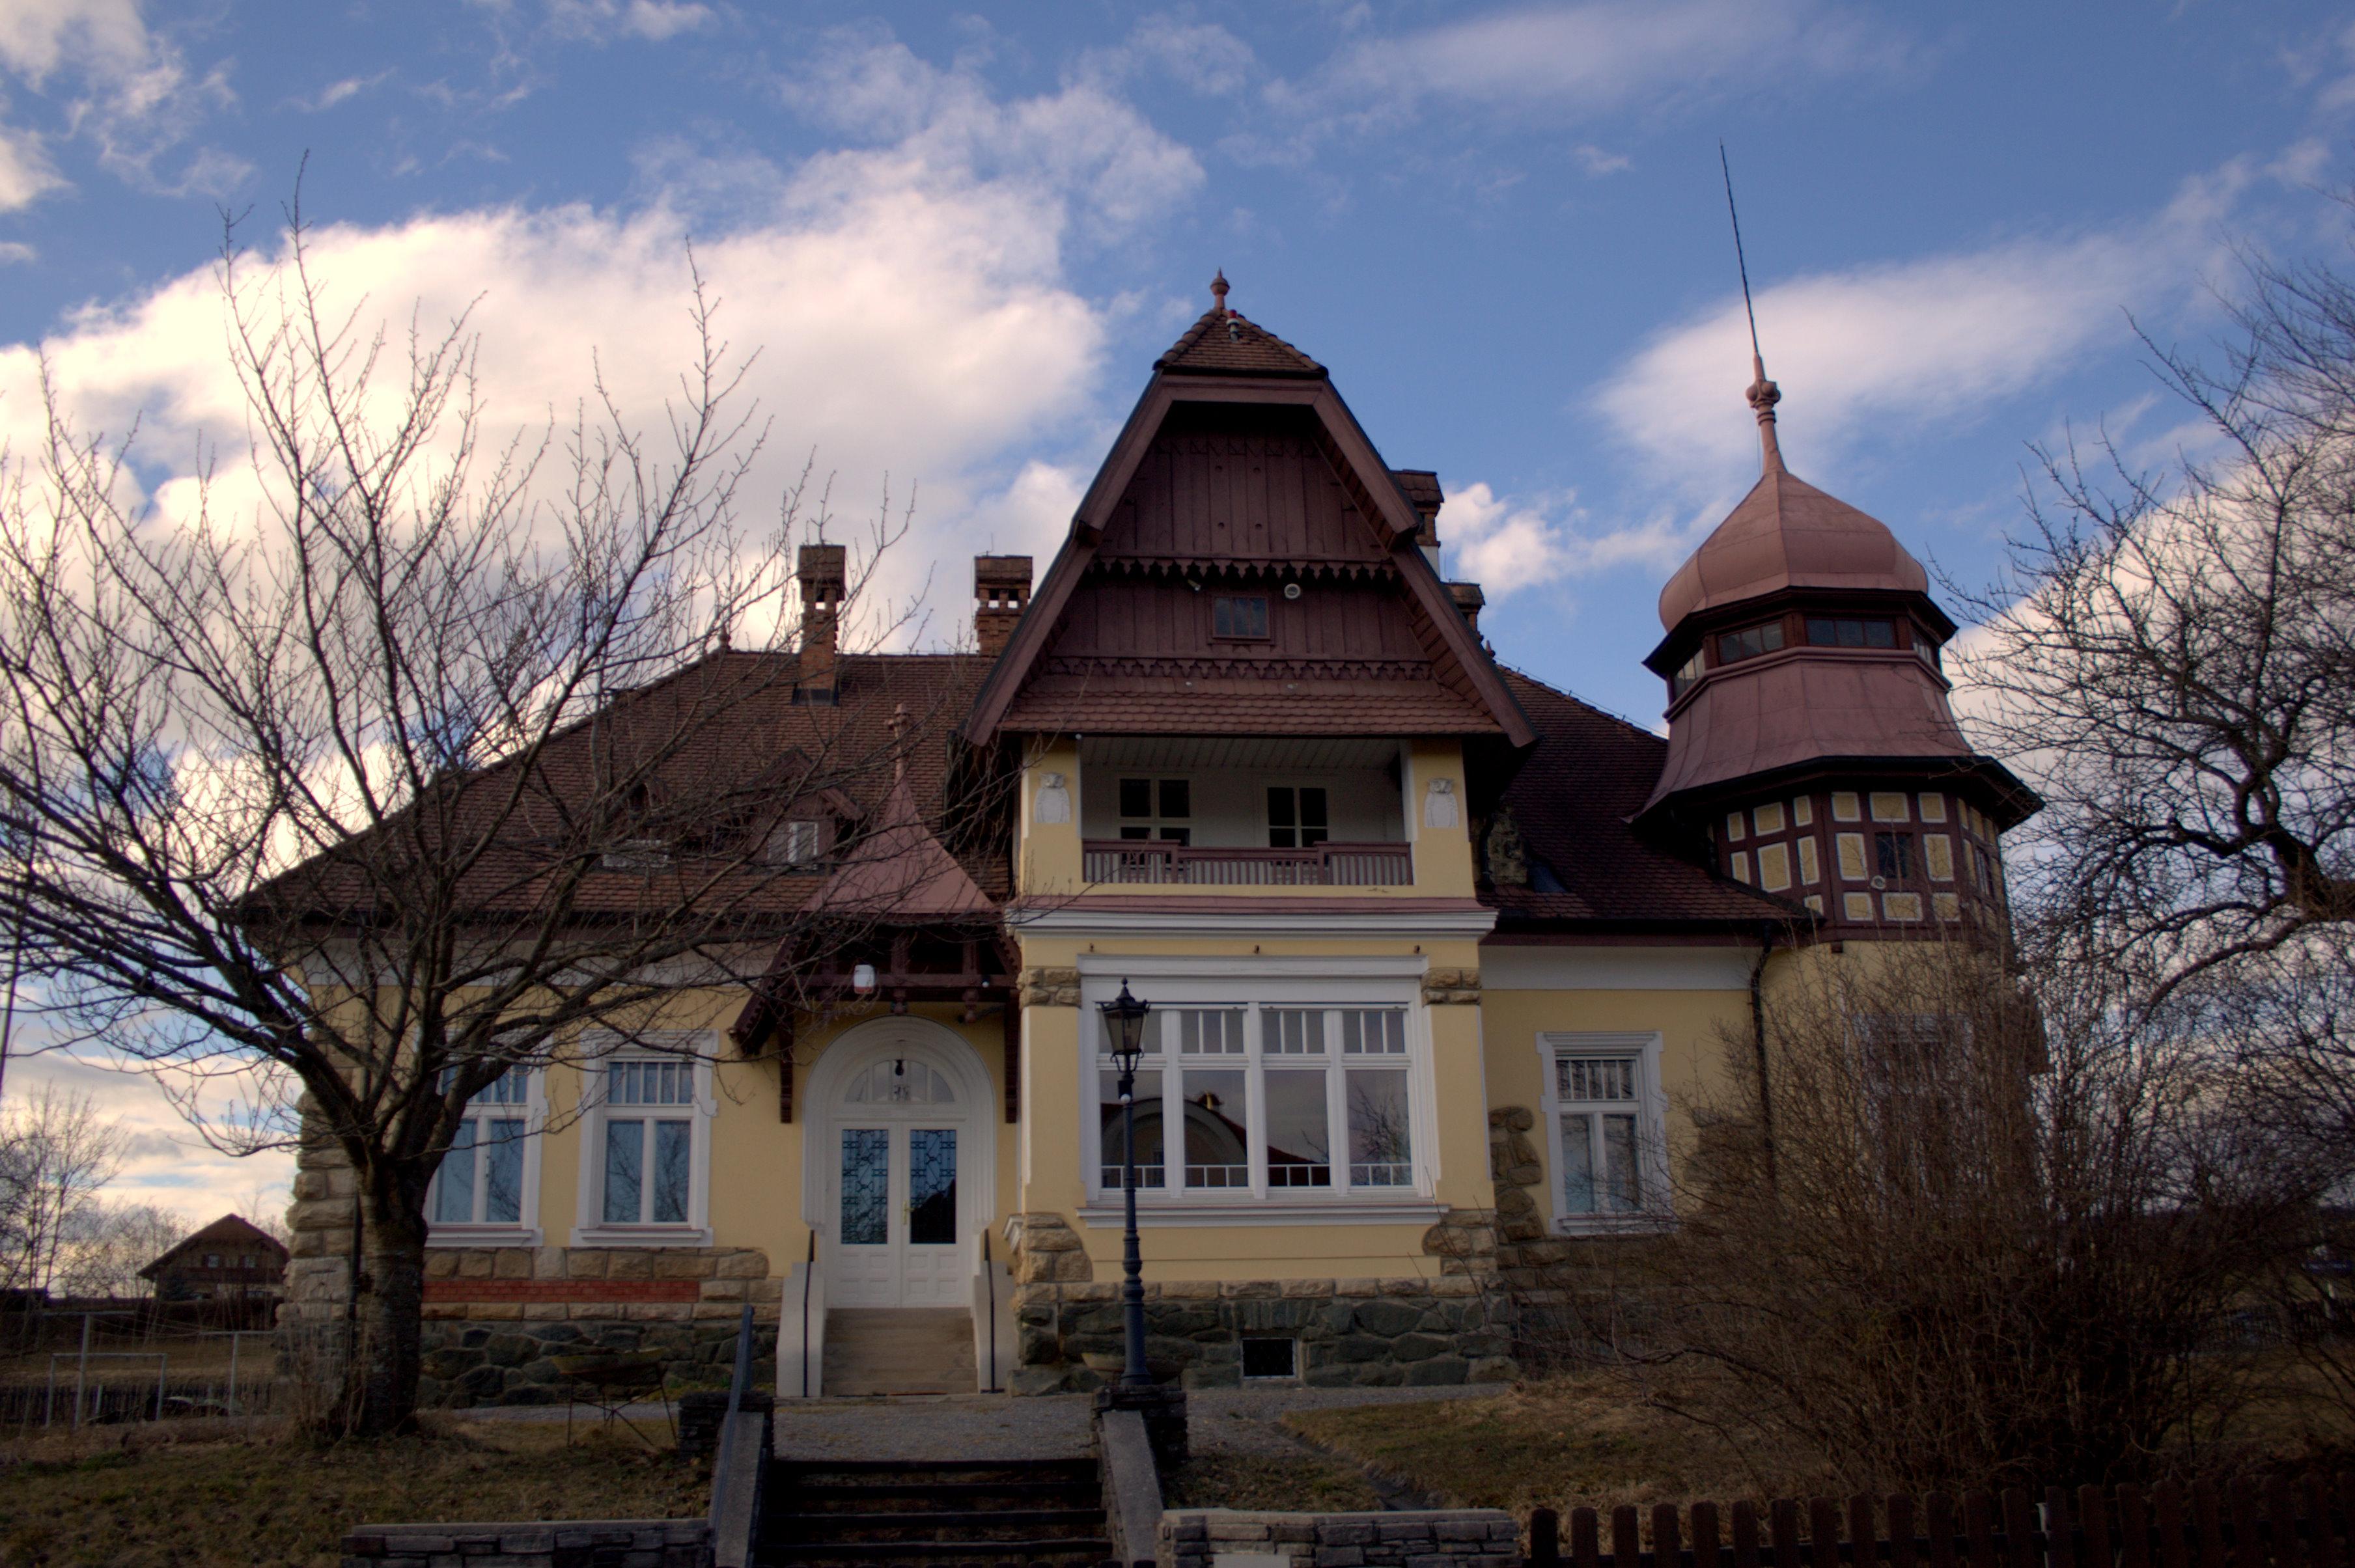 Datei:Dechantskirchen blaklimos.com Wikipedia